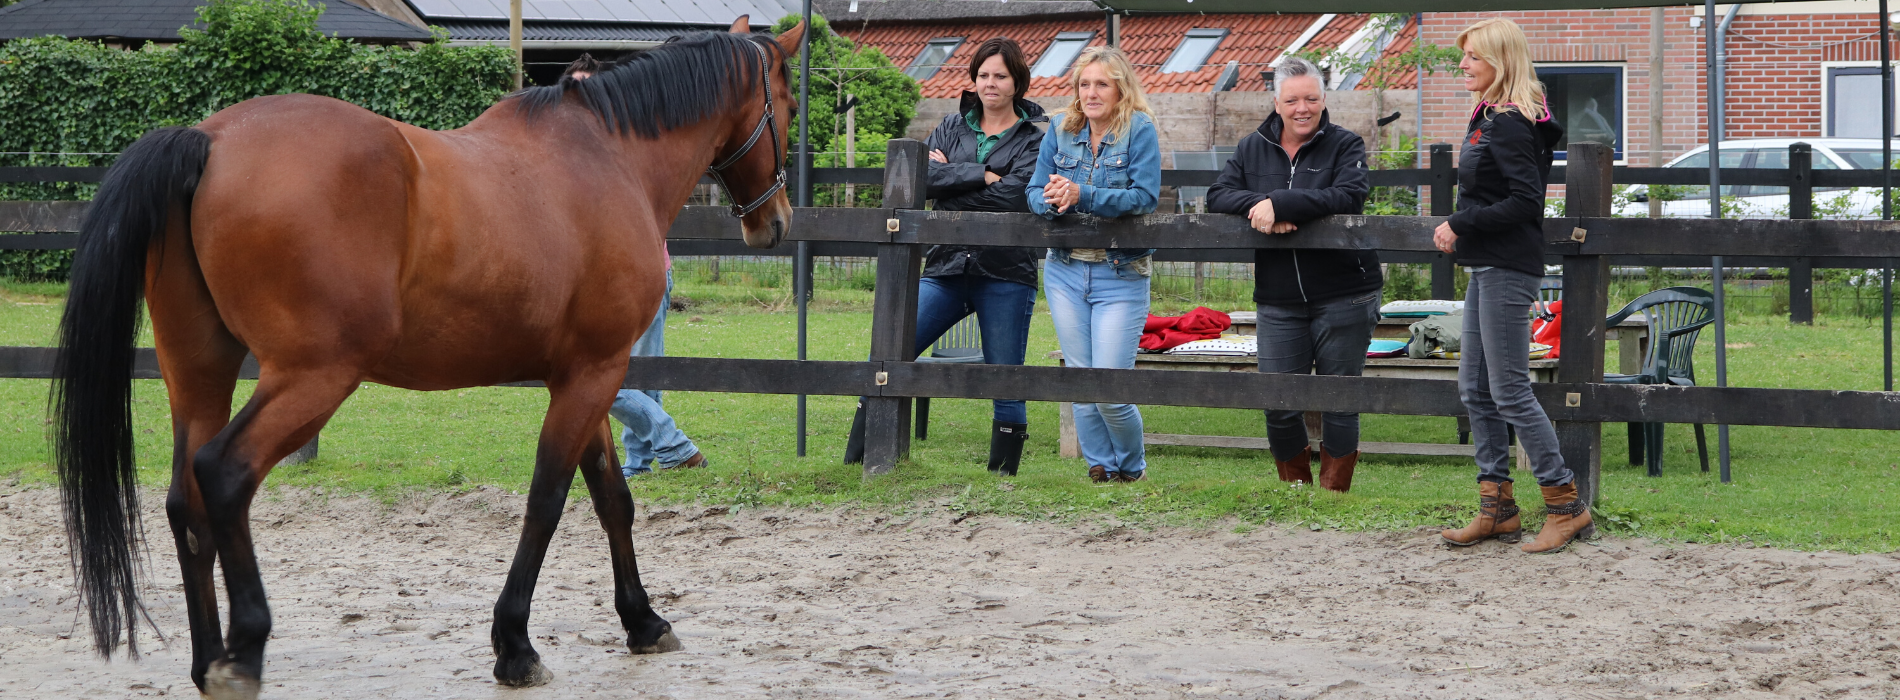 Bedrijfstraining Cosis paardencoaching